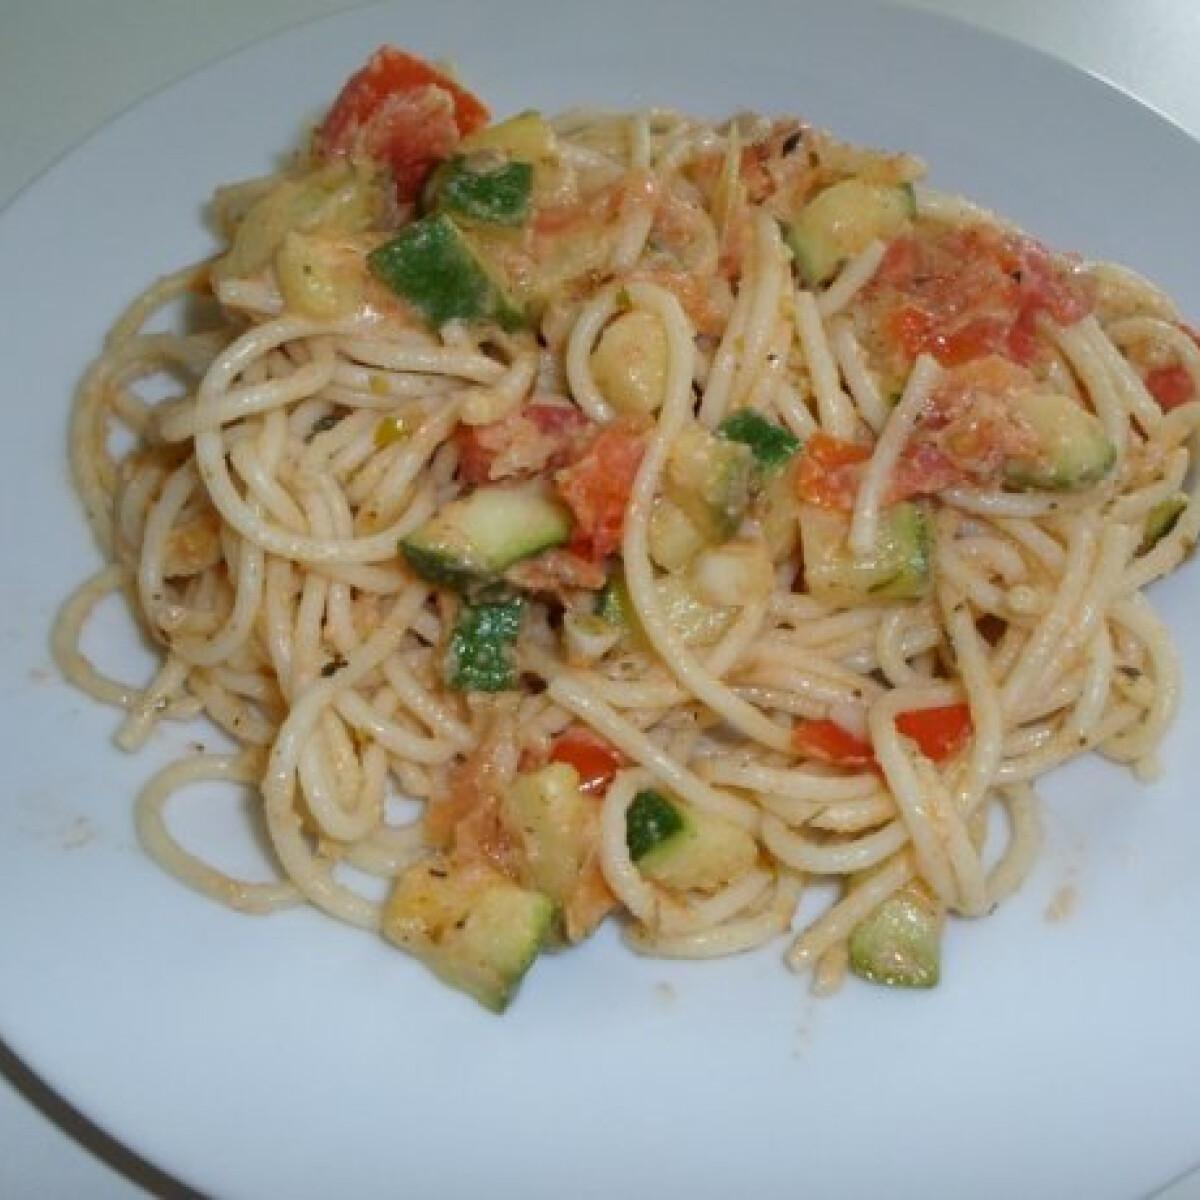 Zöldséges spagetti Cynthia konyhájából